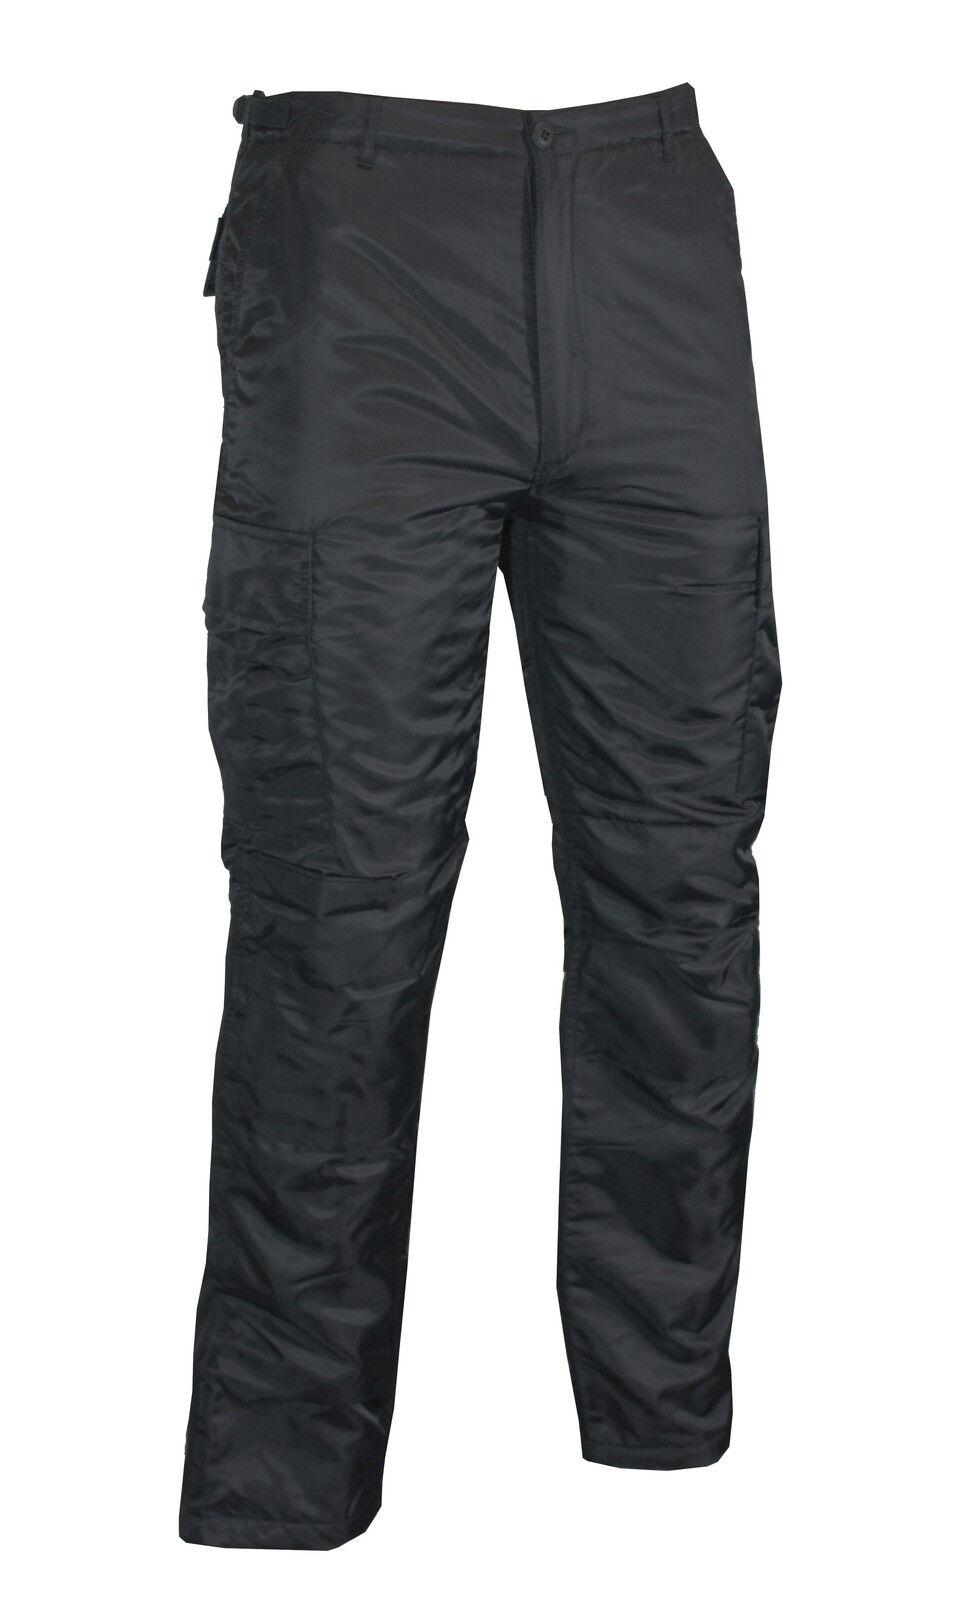 US MA1 black Inverno BDU Pantaloni - Foderato Imbottito Freddo Termico Bagnato